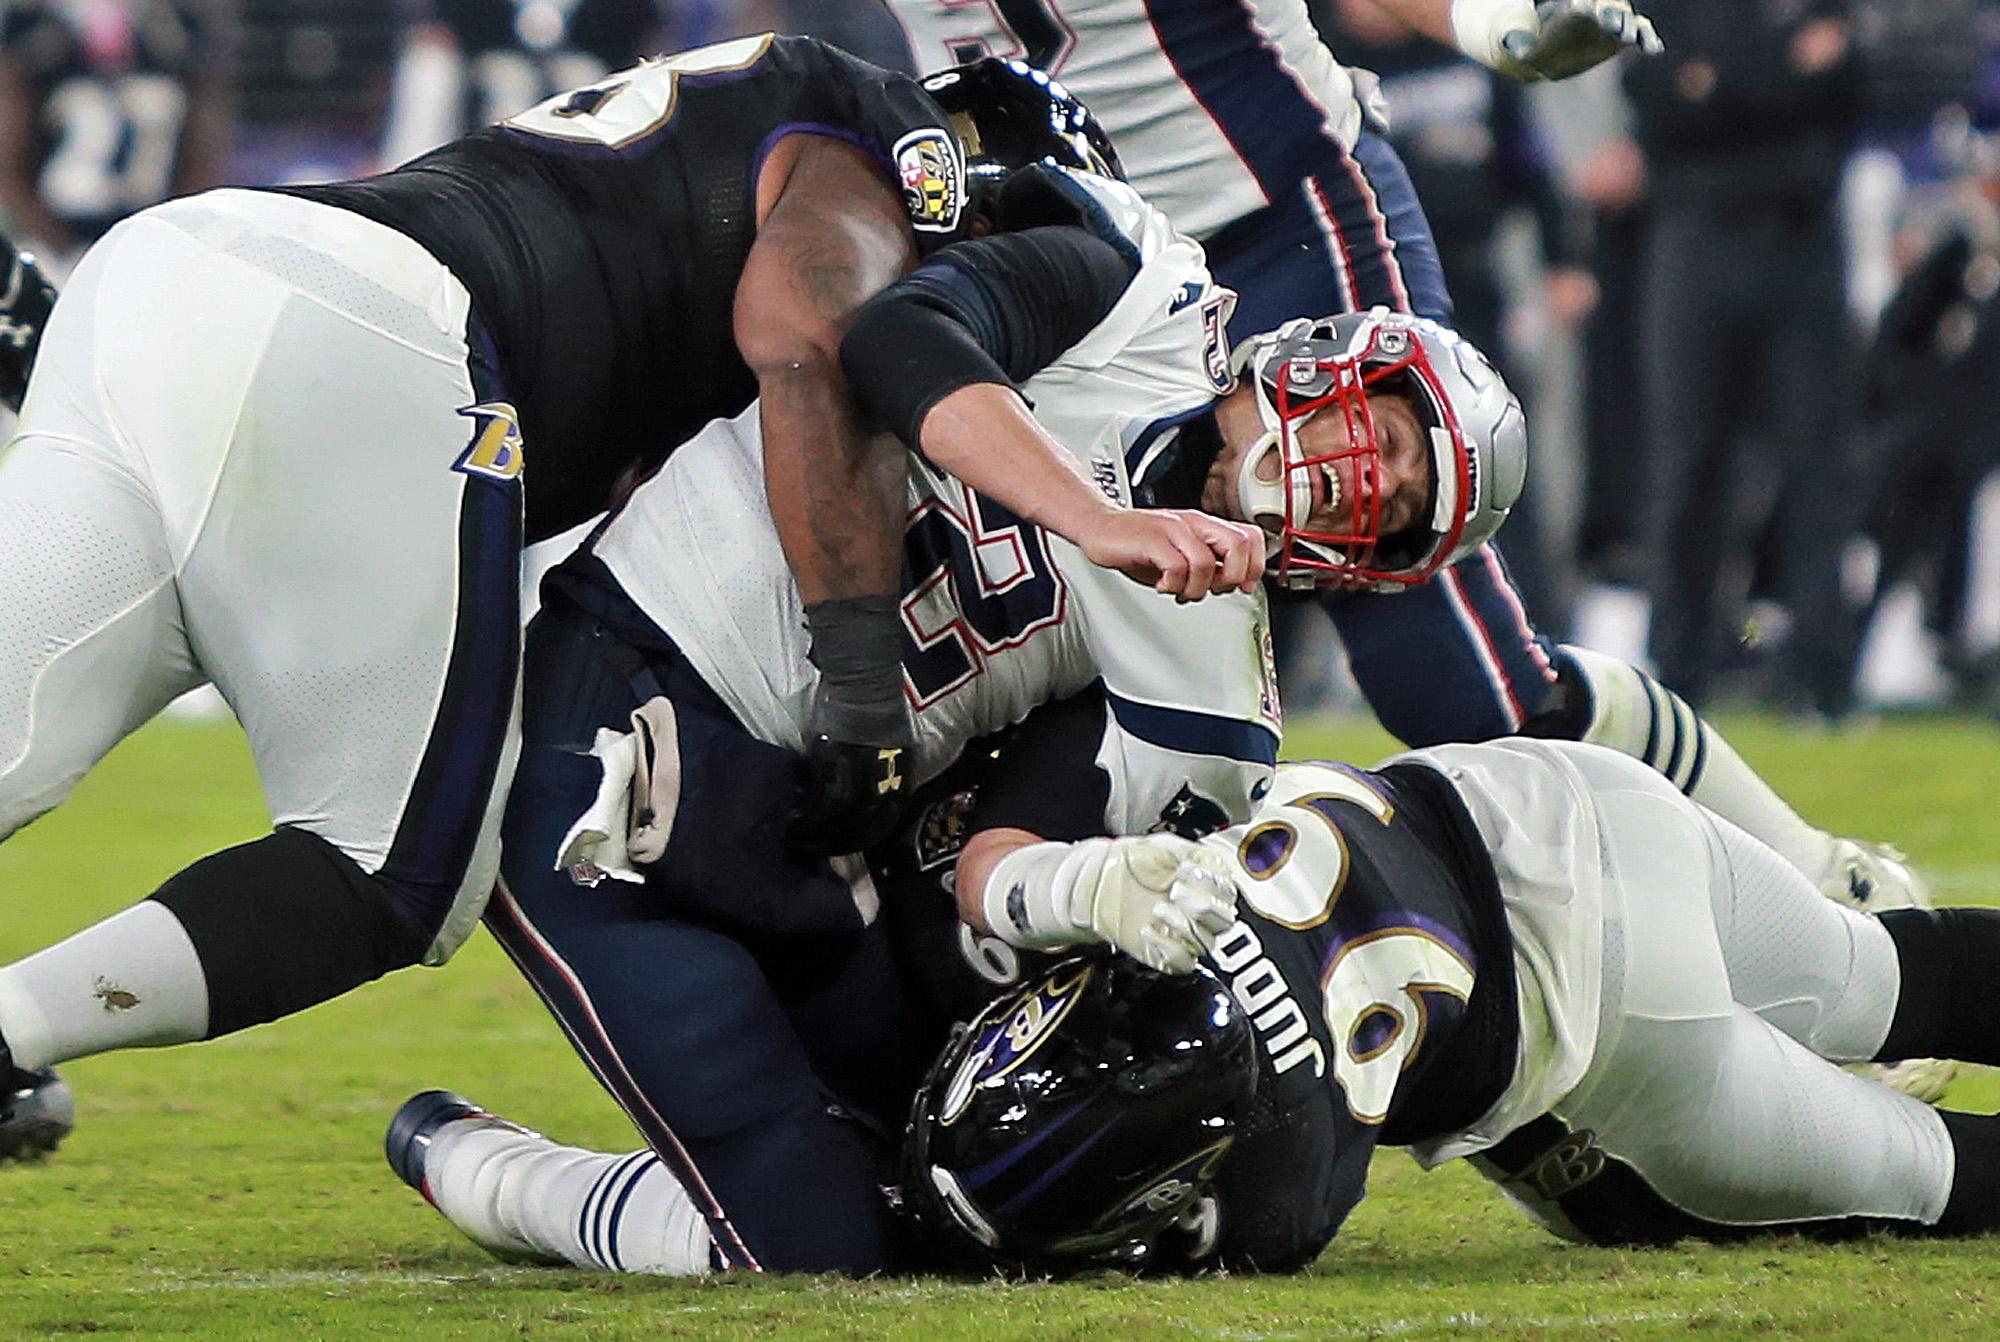 Após o jogo contra os Ravens, jogadores comentam derrota